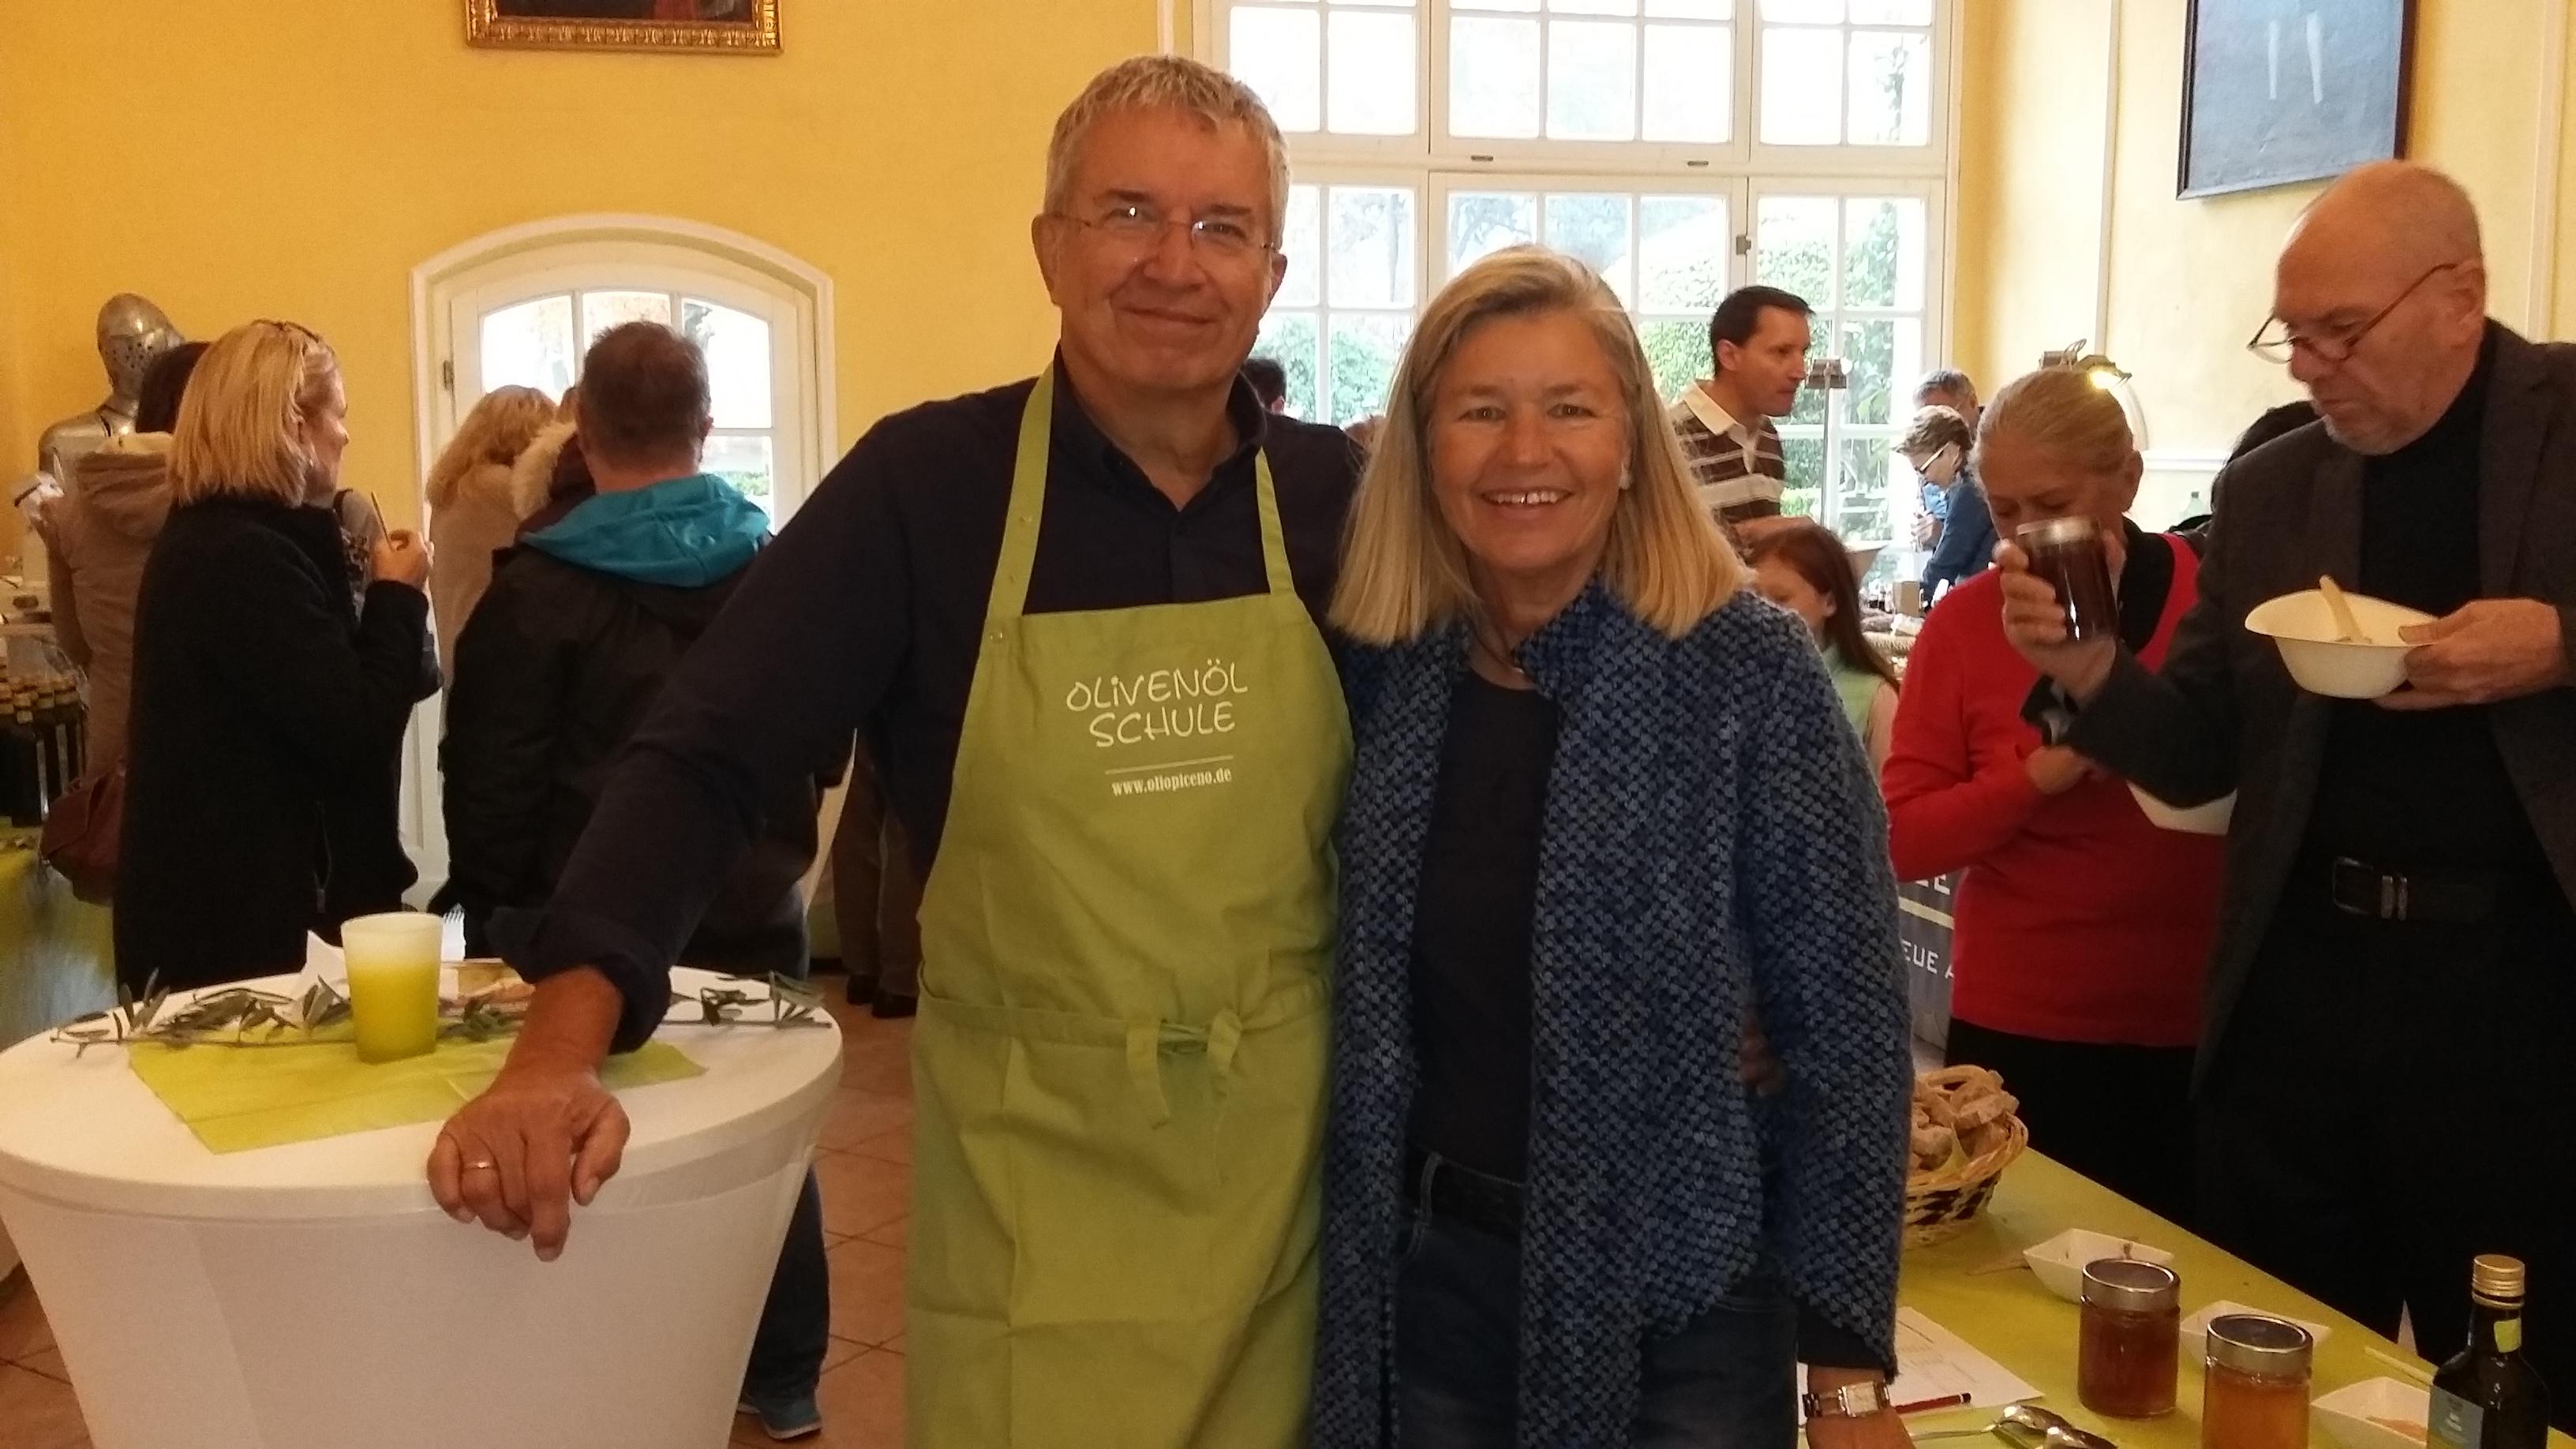 Michael und Heidi freuen sich auf viele Gäste auch am 1. Dezember im Golfclub München Eichenried.